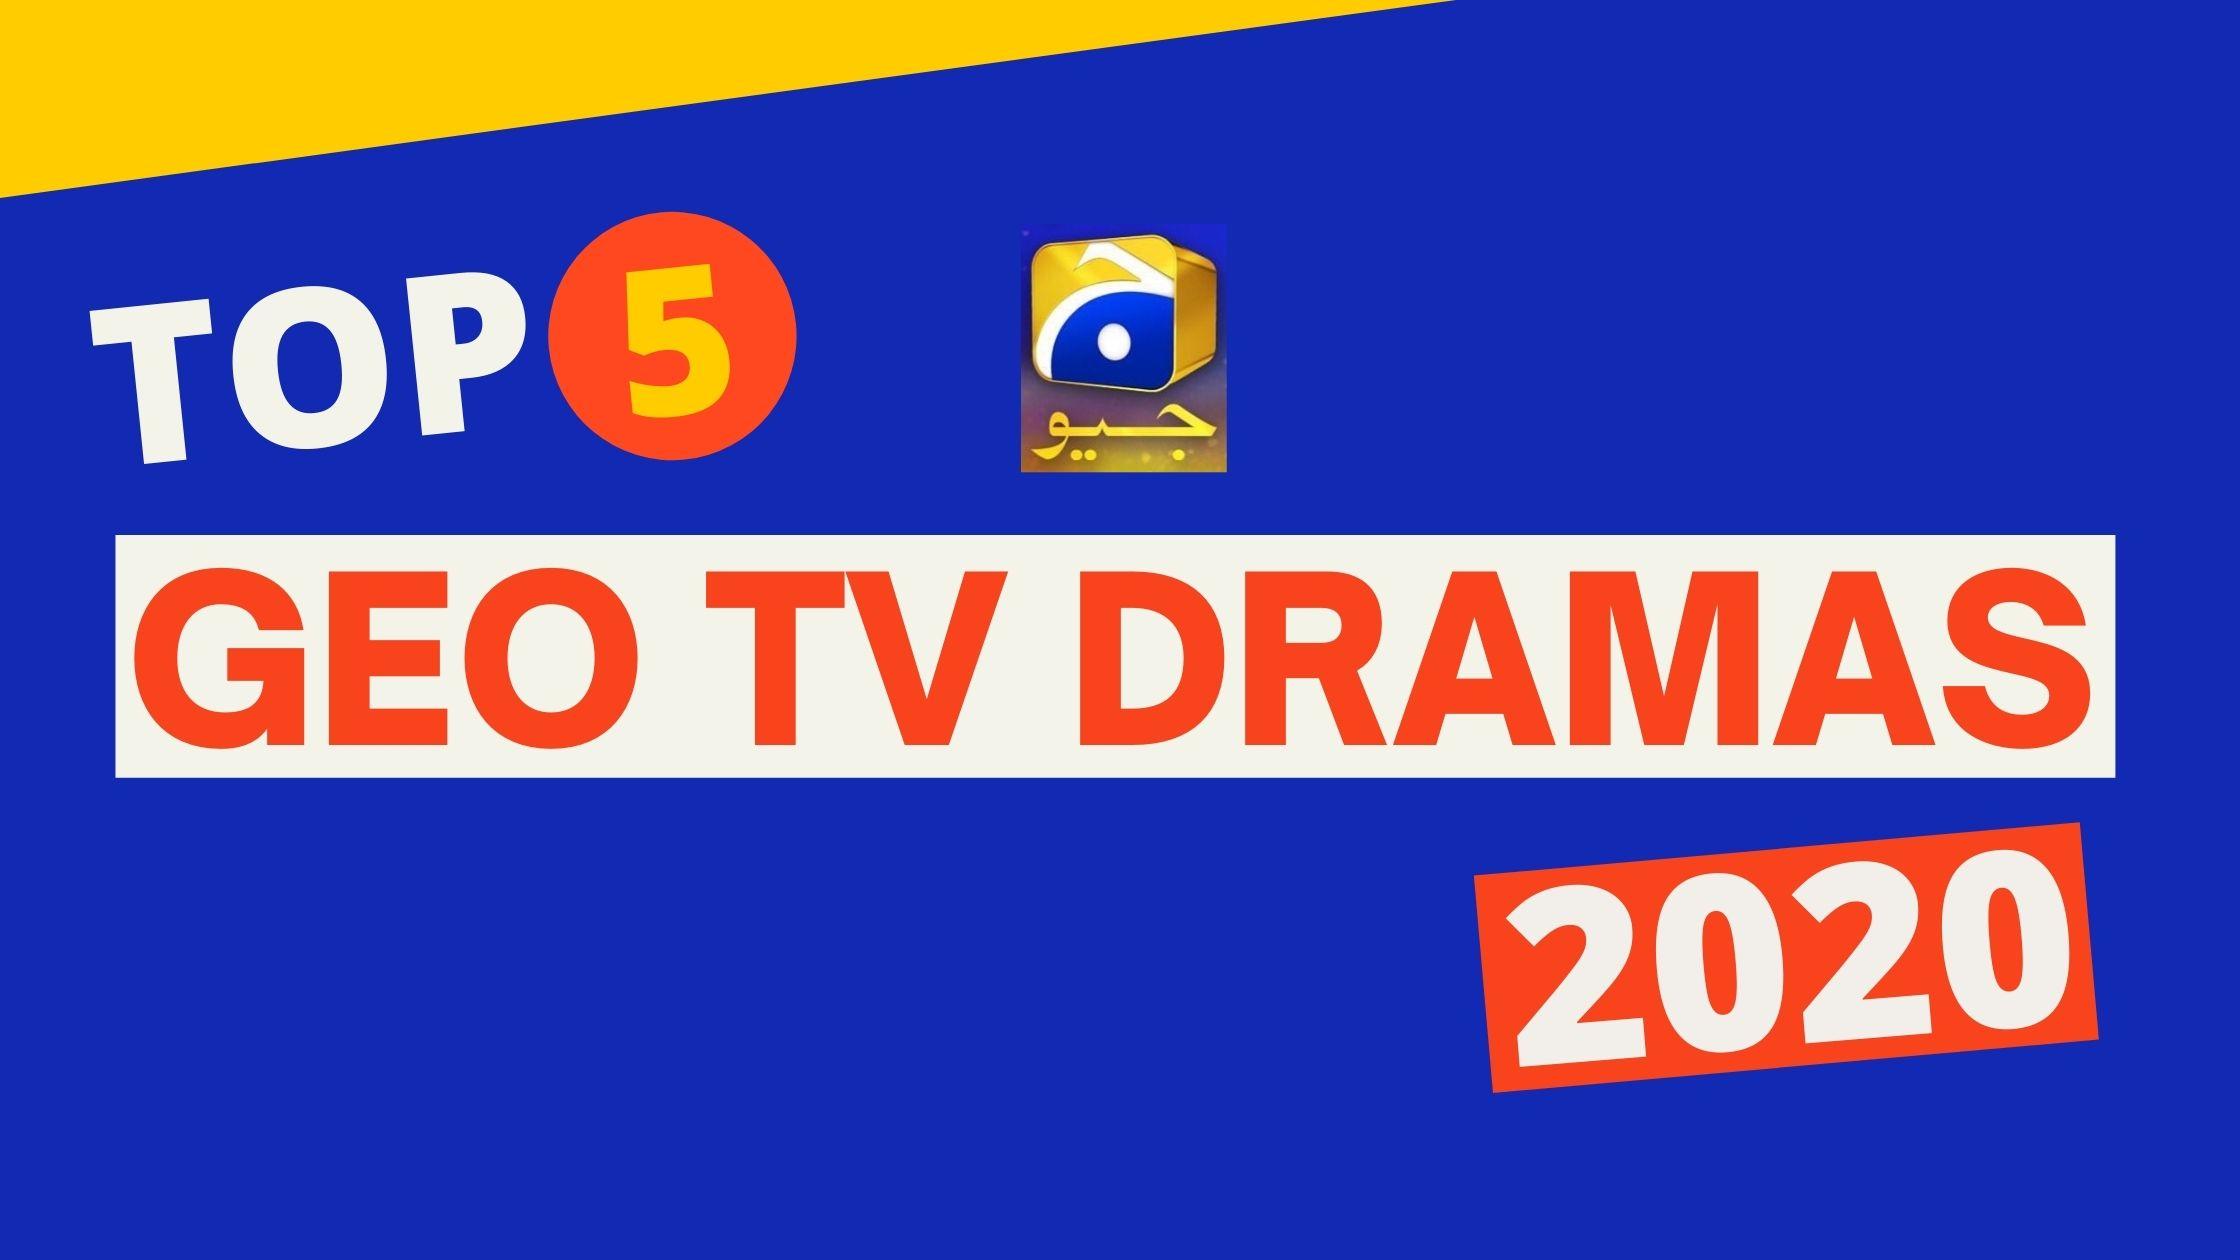 Top 5 Geo TV Dramas 2020